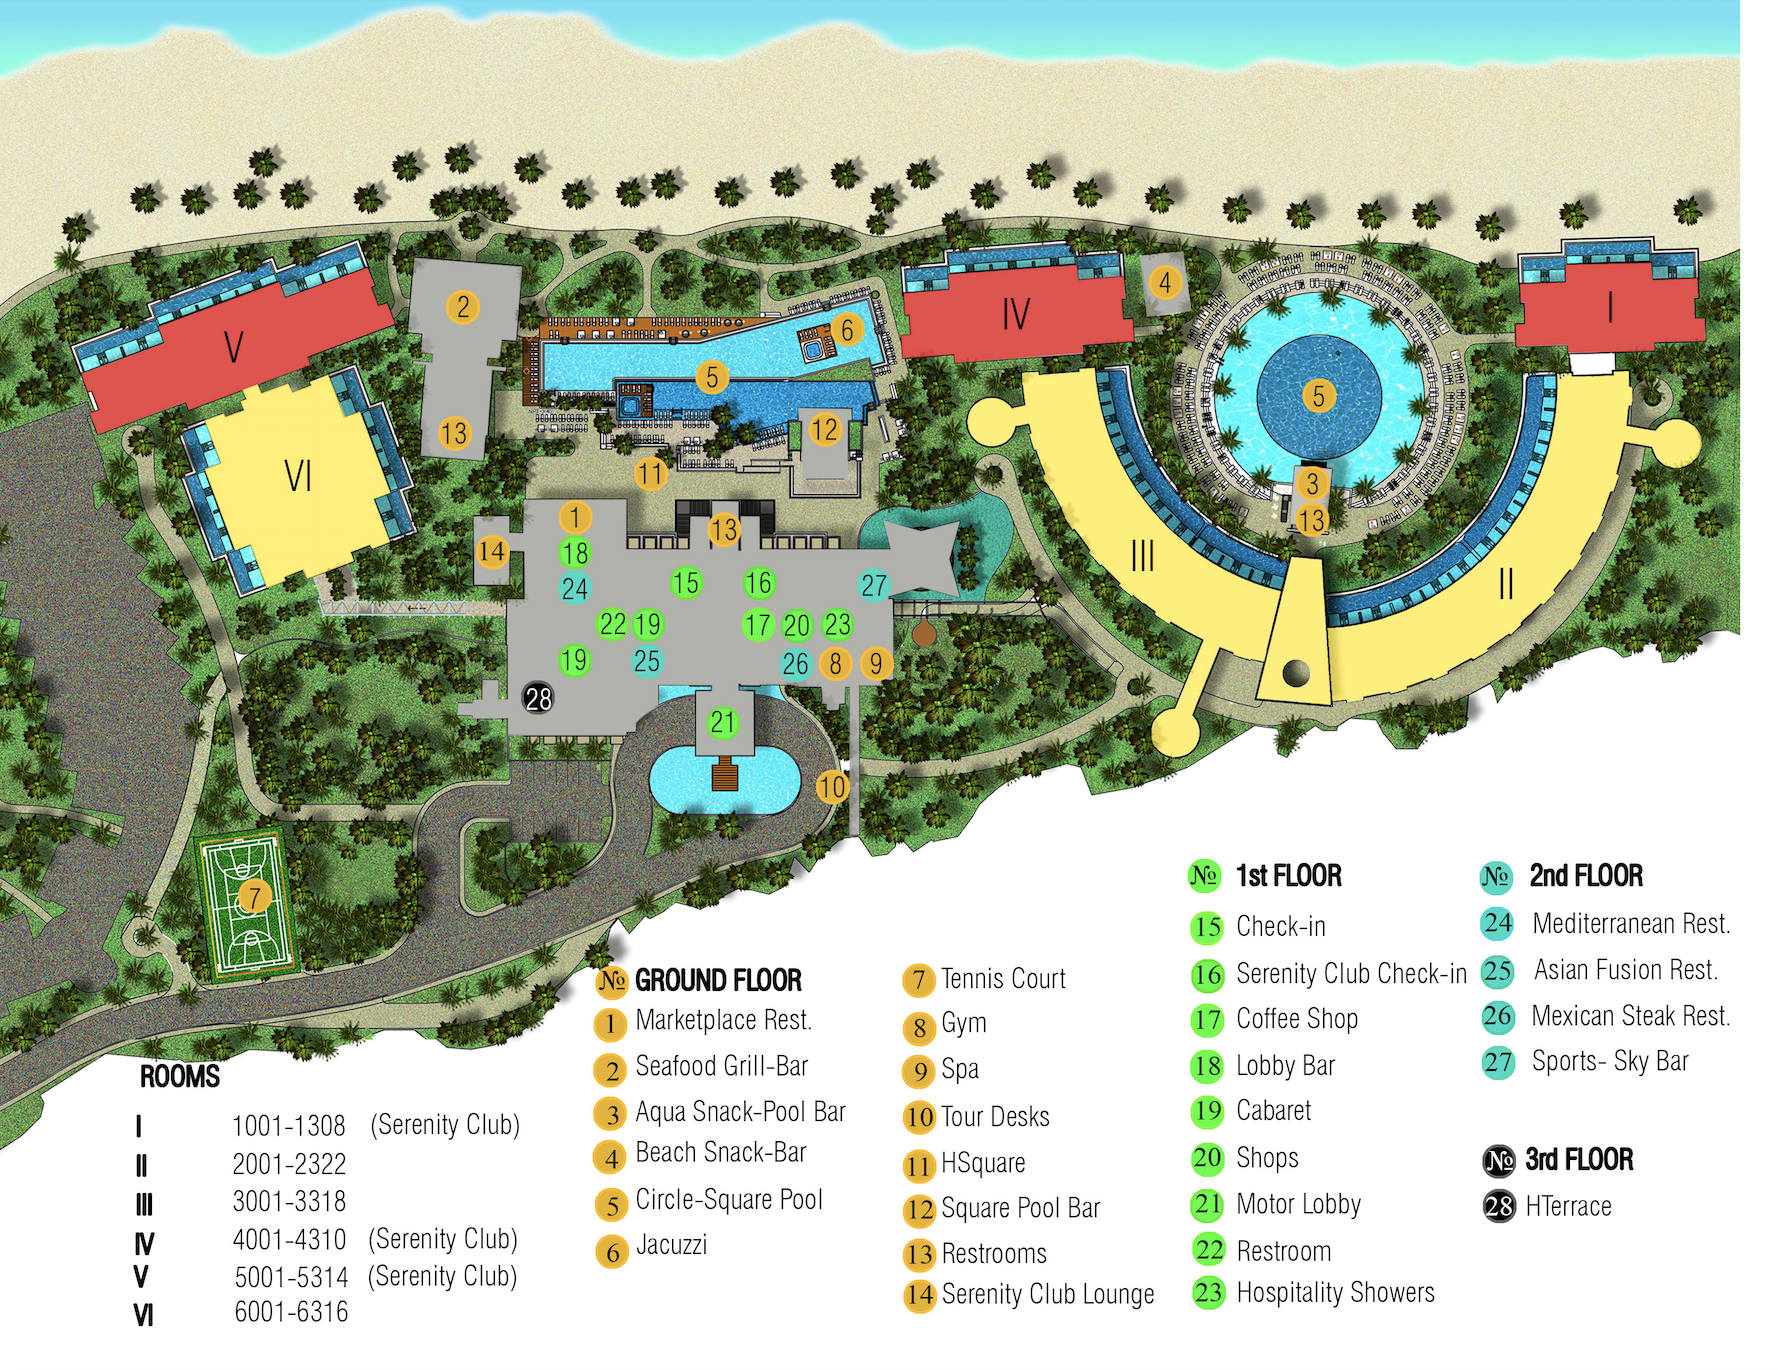 Our Amazing Resort S Layout Resort Plan Beach Restaurant Design Resort